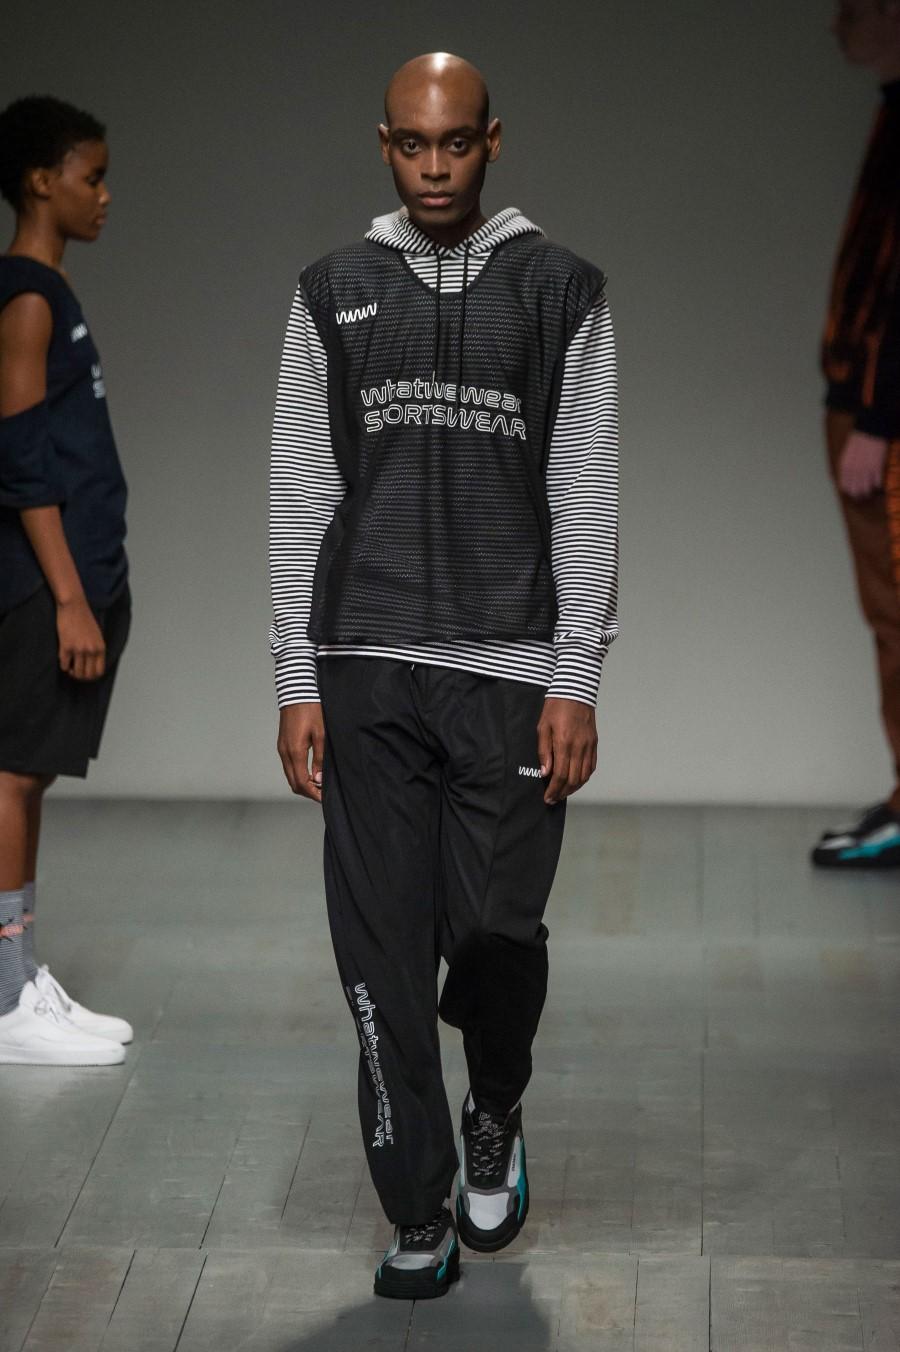 What We Wear Printemps/Été 2019 – London Fashion Week Men's